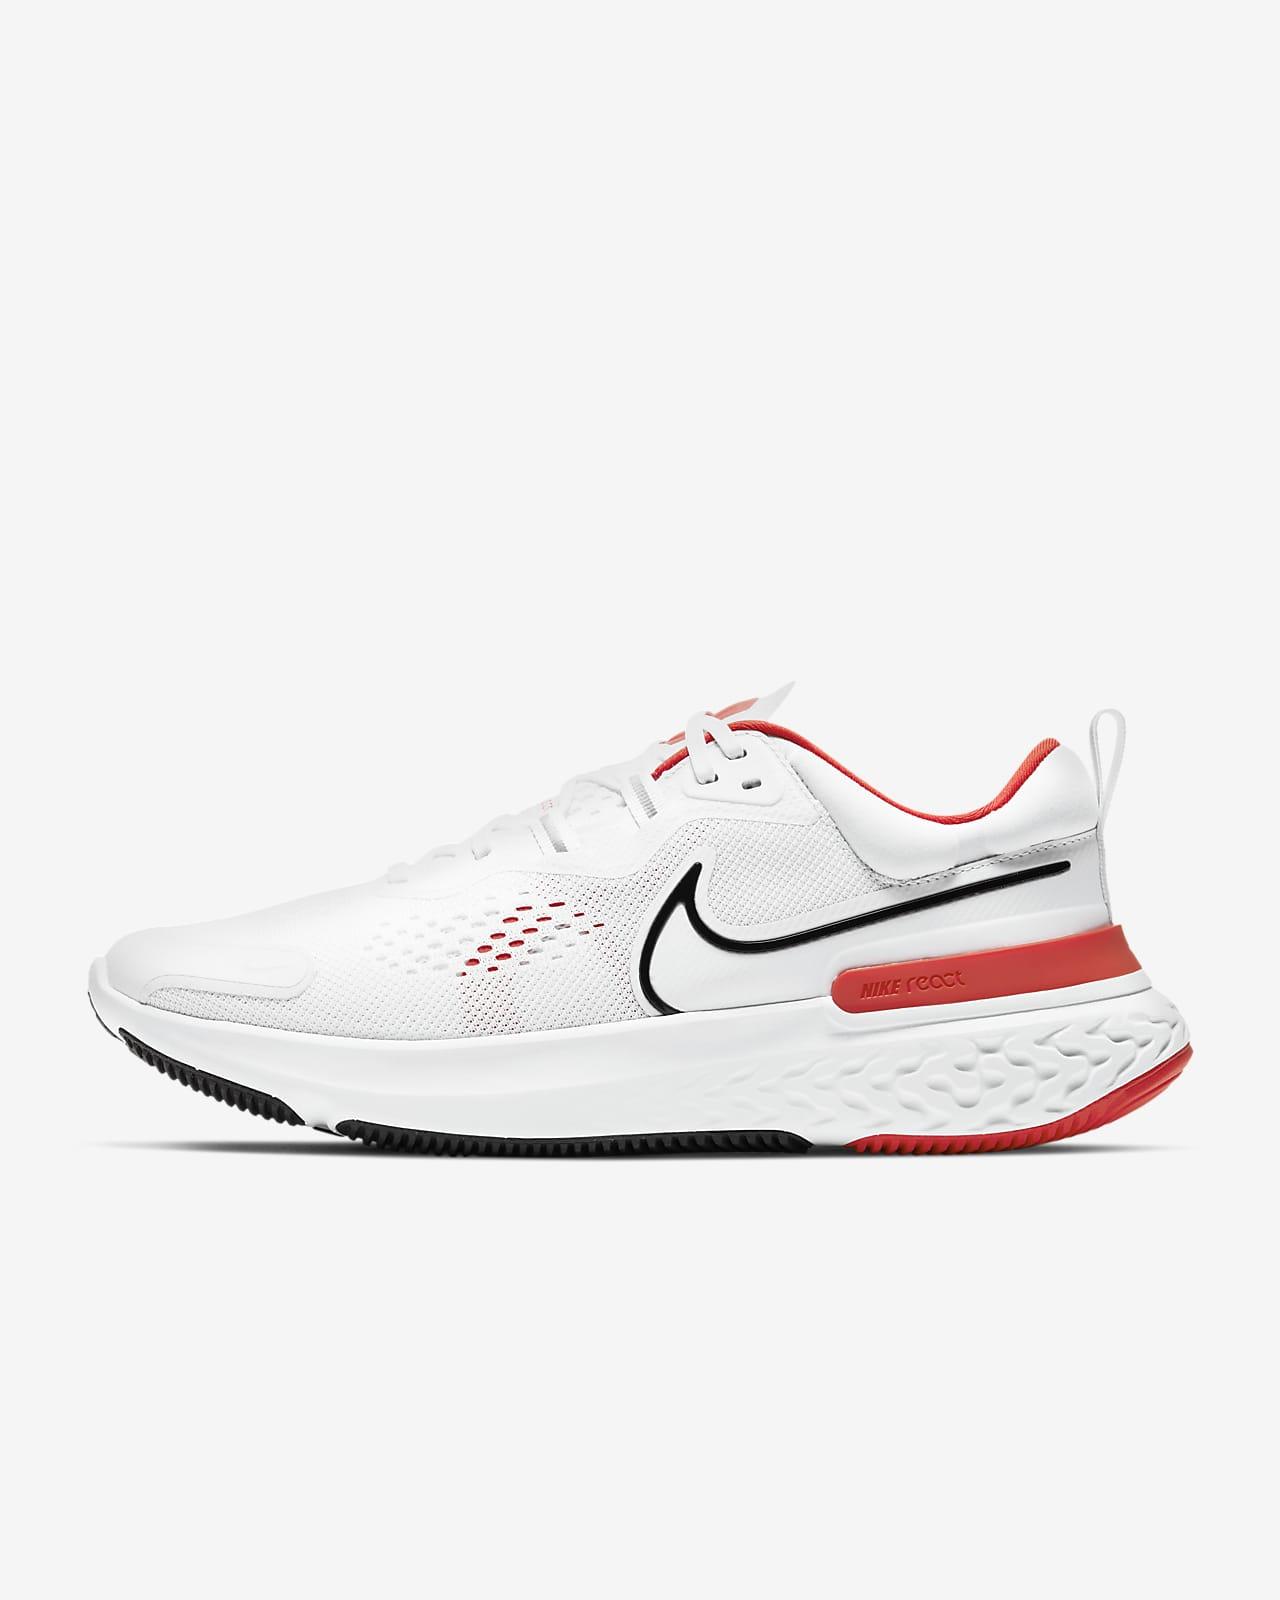 Calzado de running para hombre Nike React Miler 2